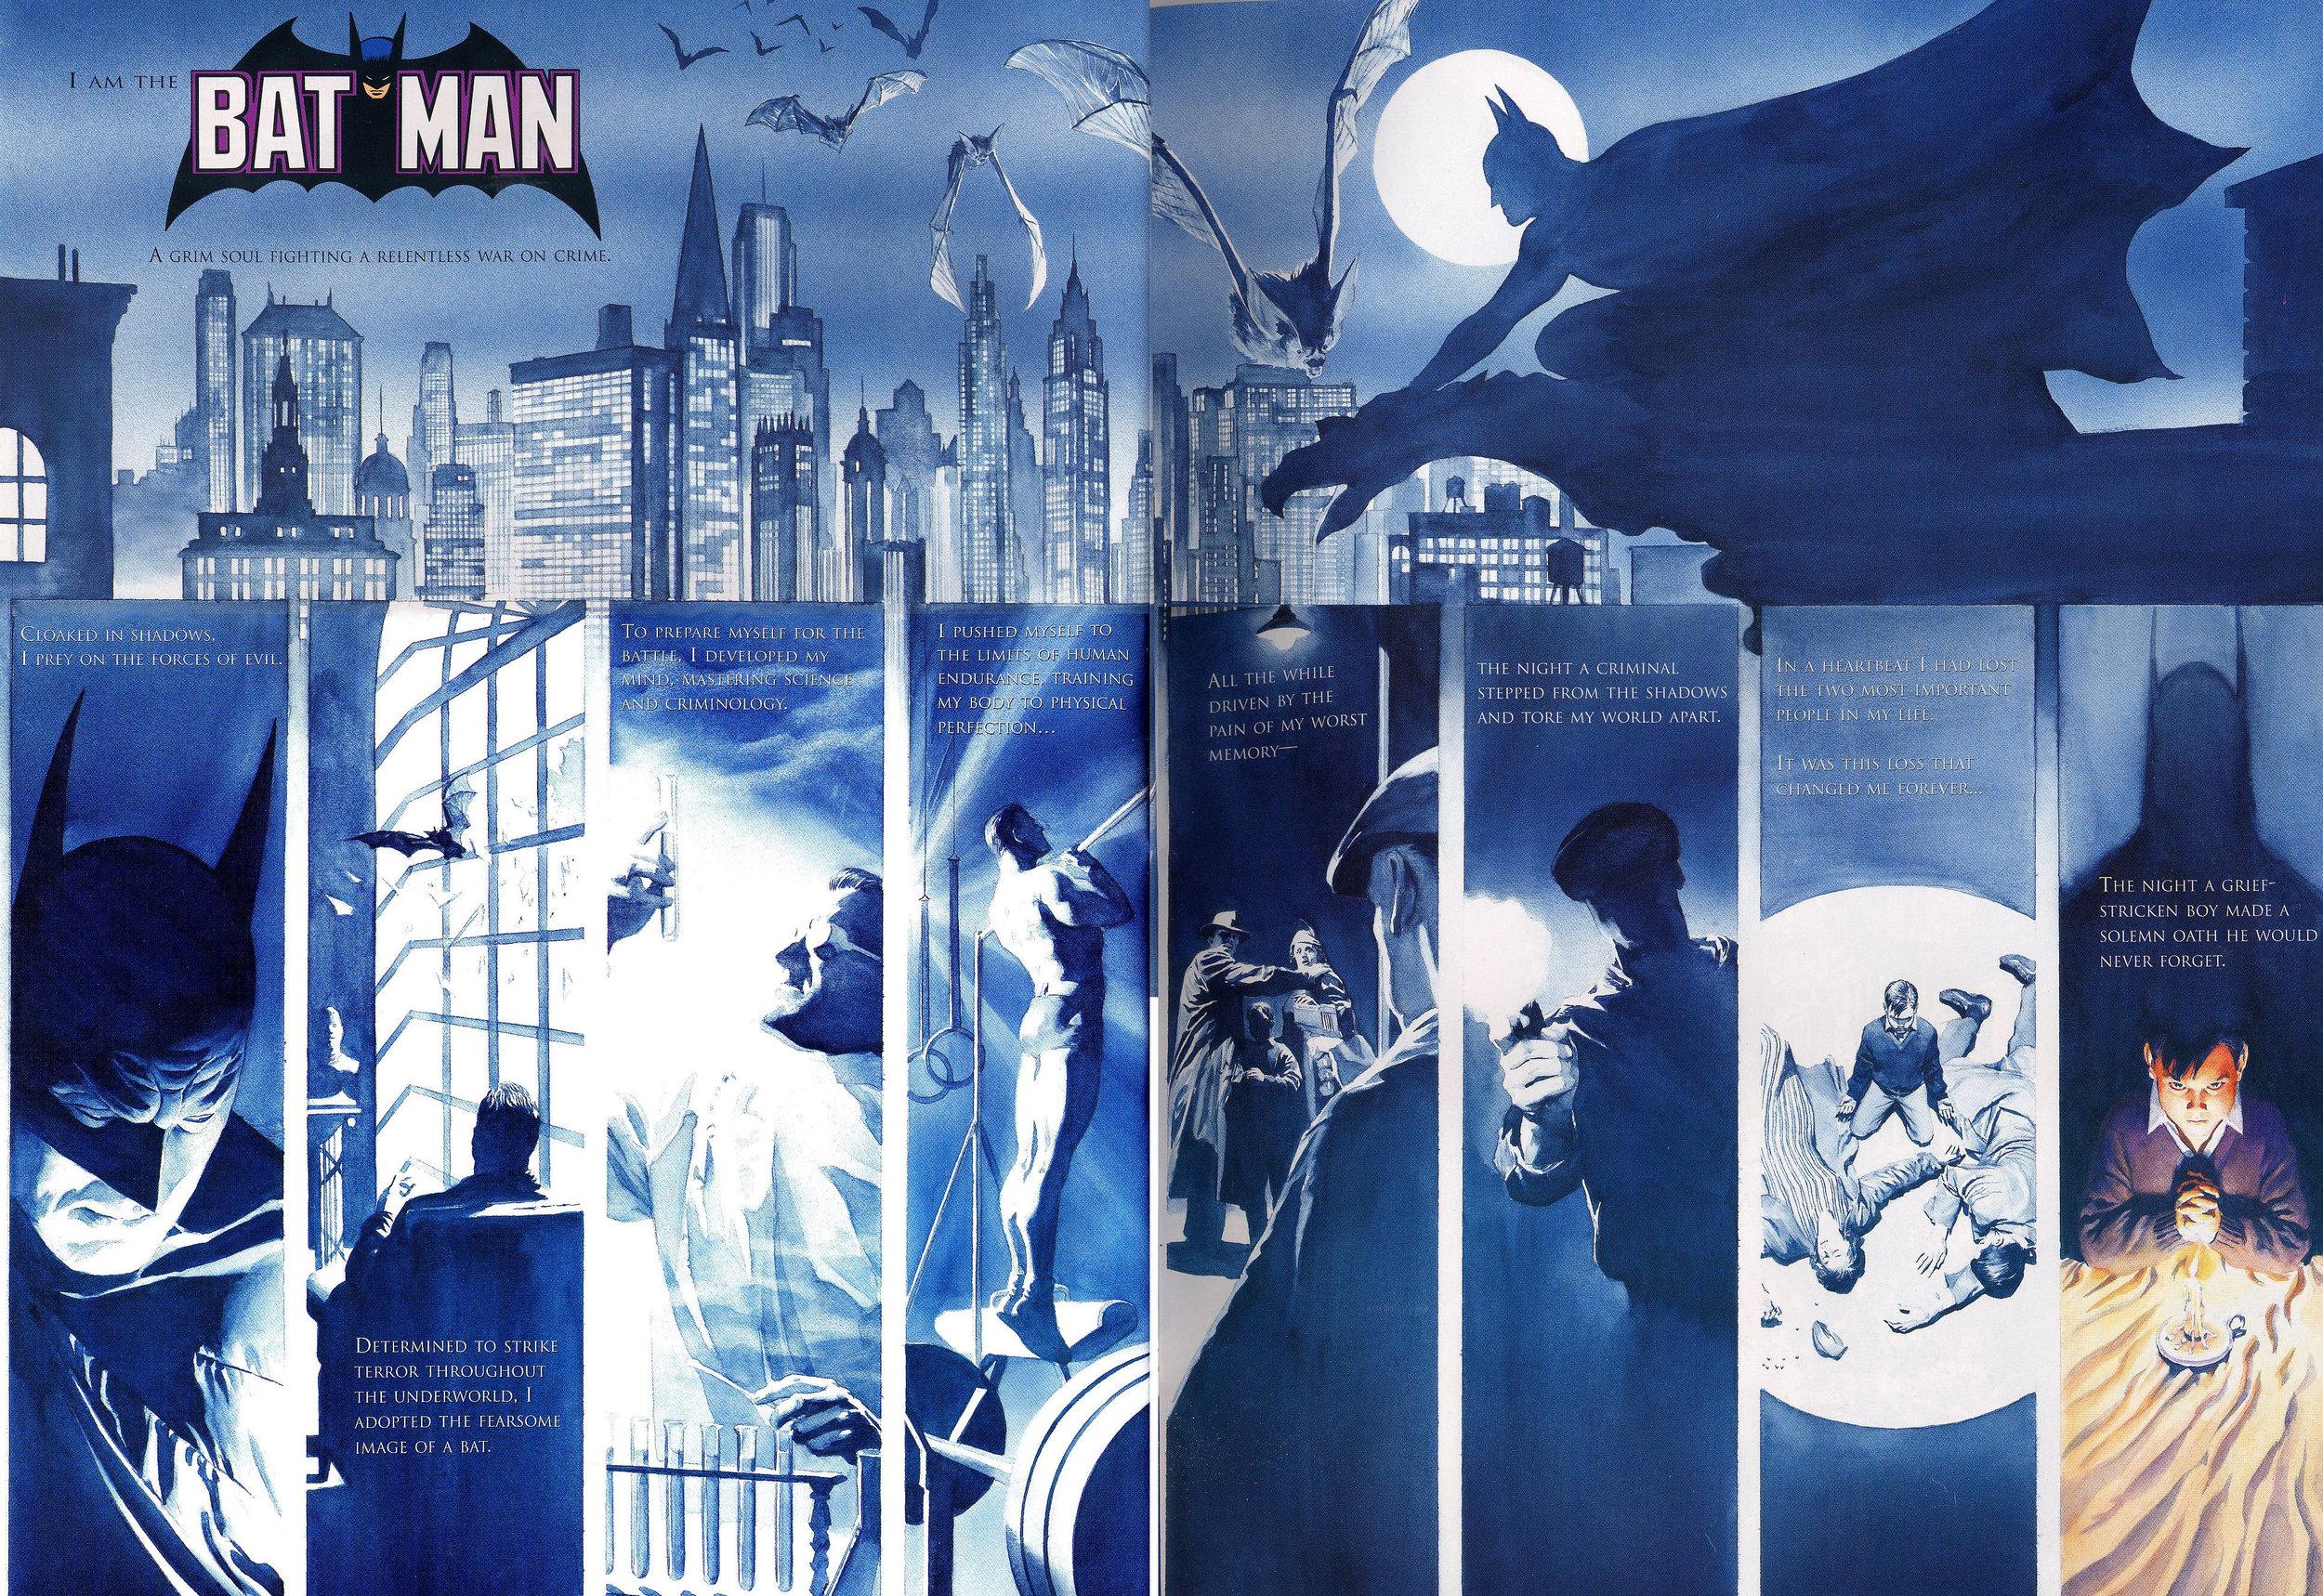 JLA: Secret Origins (2002) Batman, written by Paul Dini with art by Alex Ross.